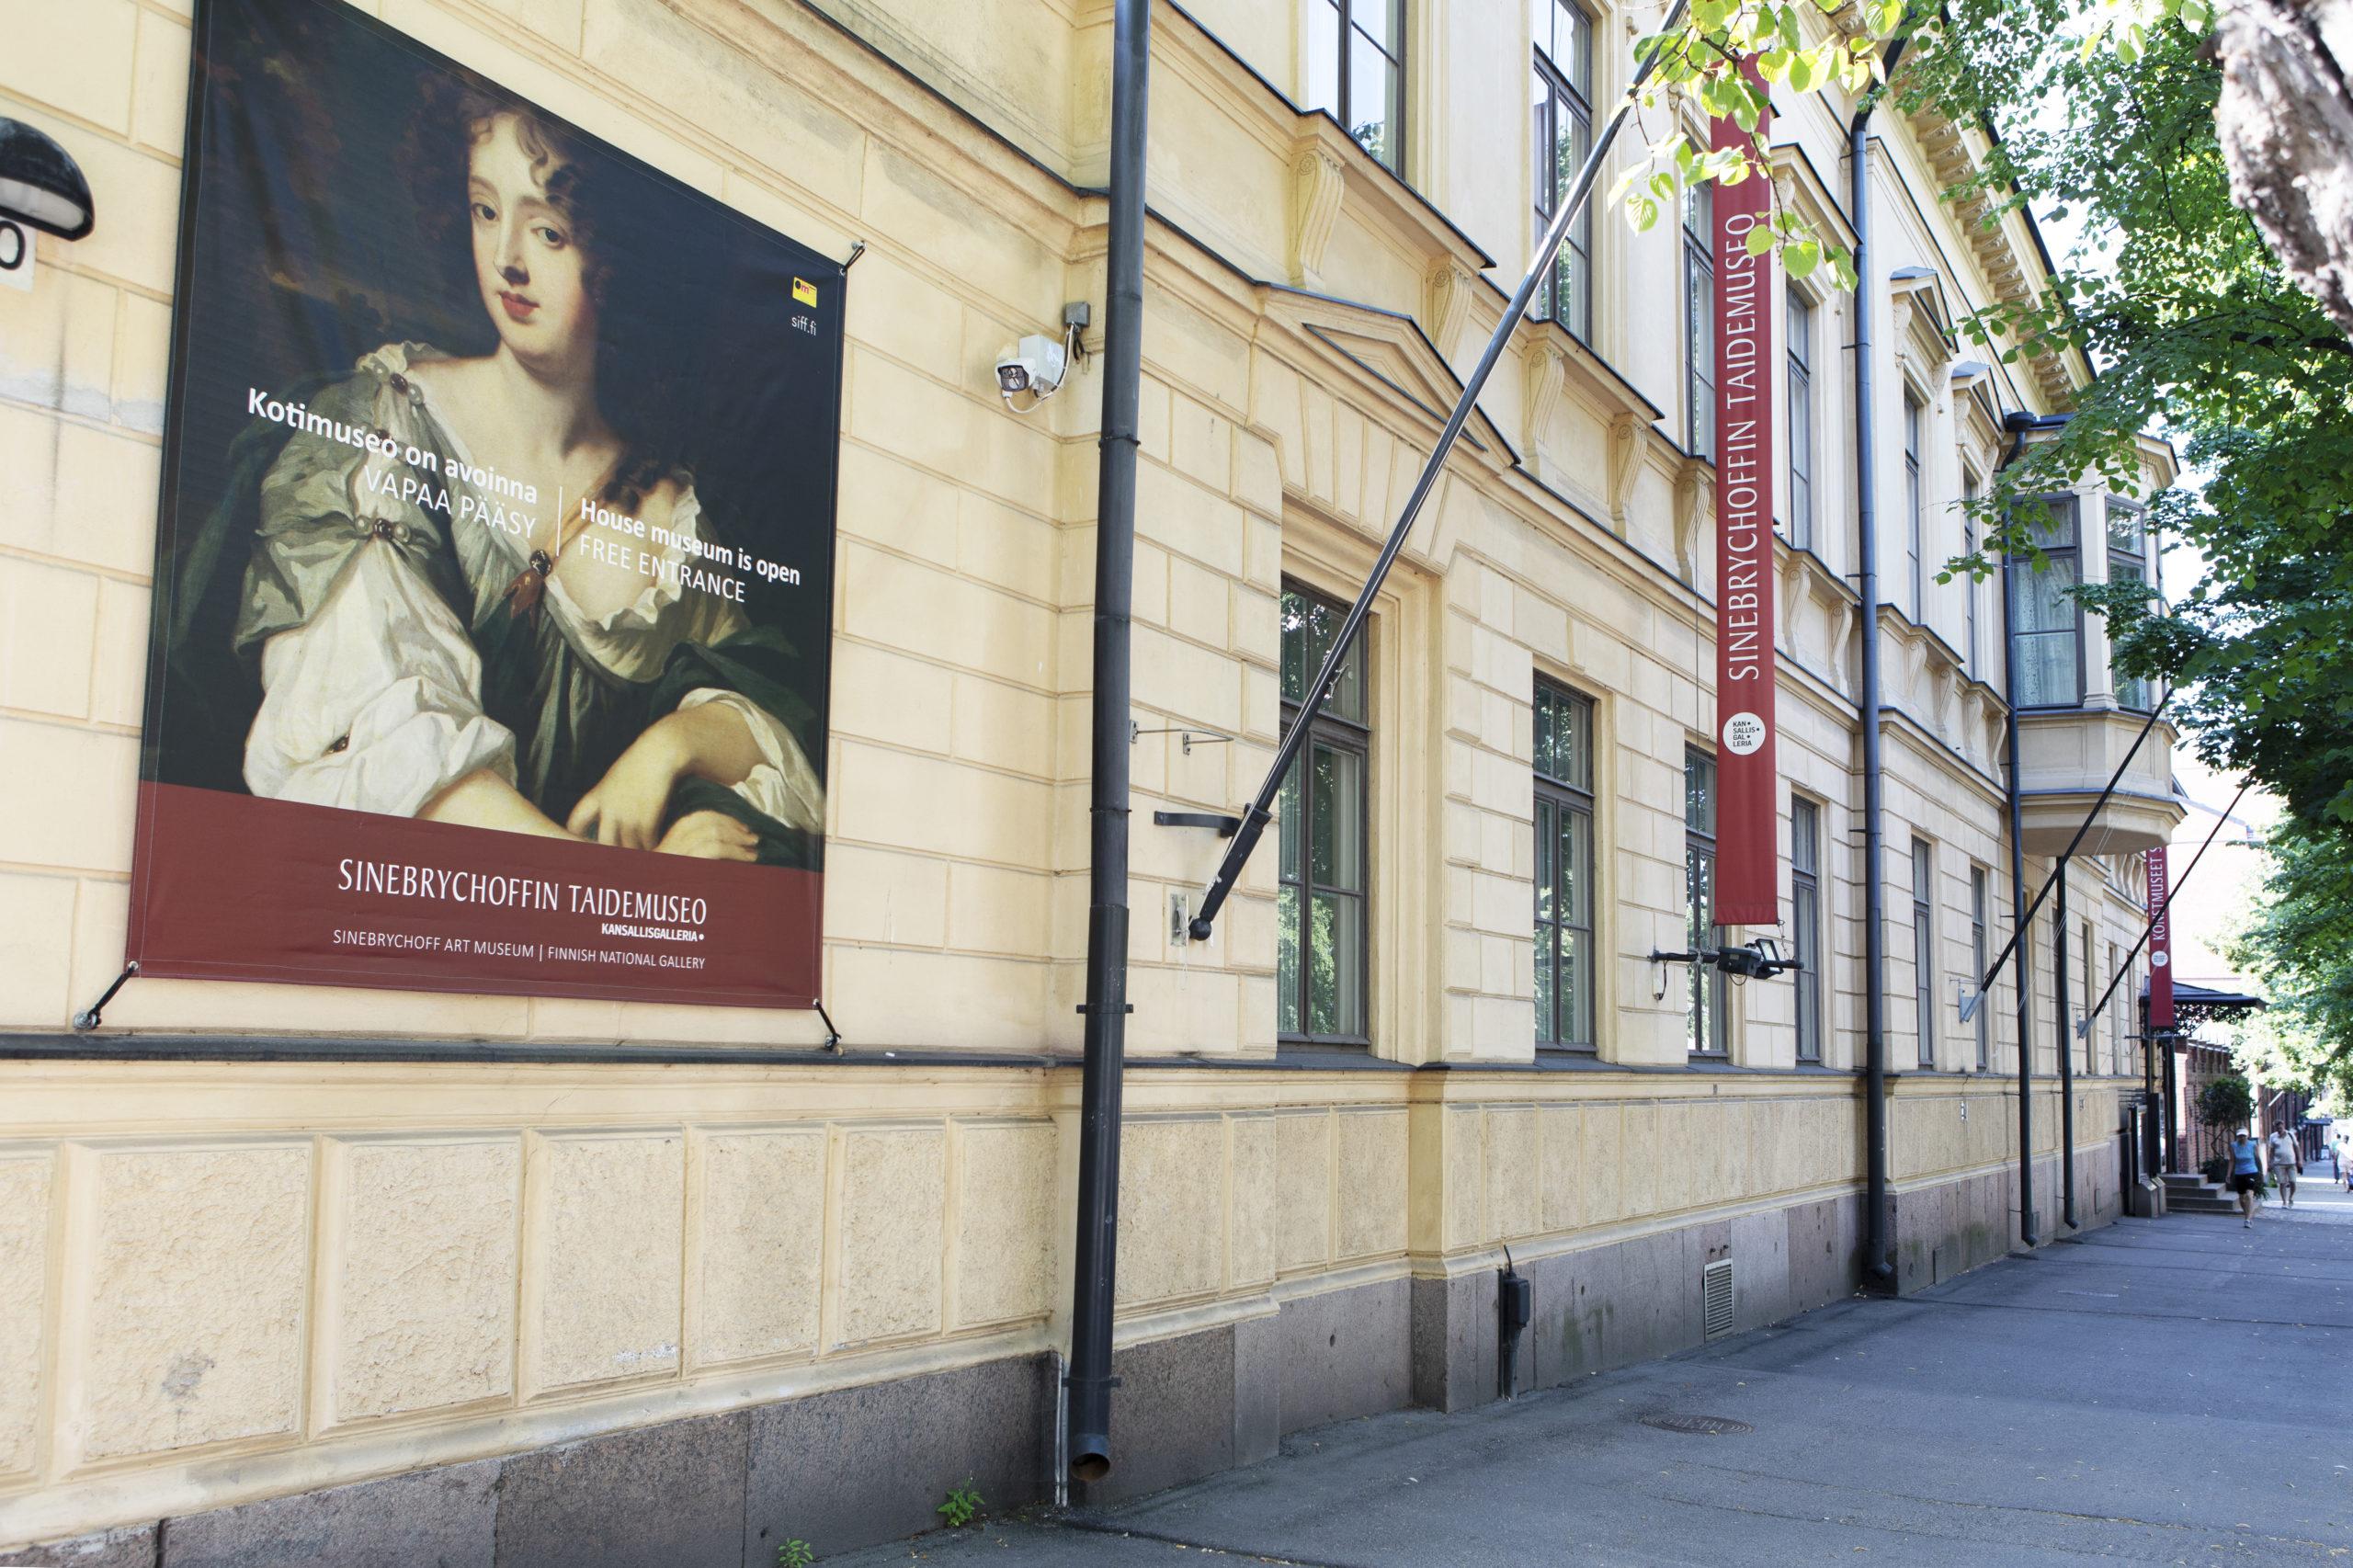 Sinebrychoffi Art Museum building from street